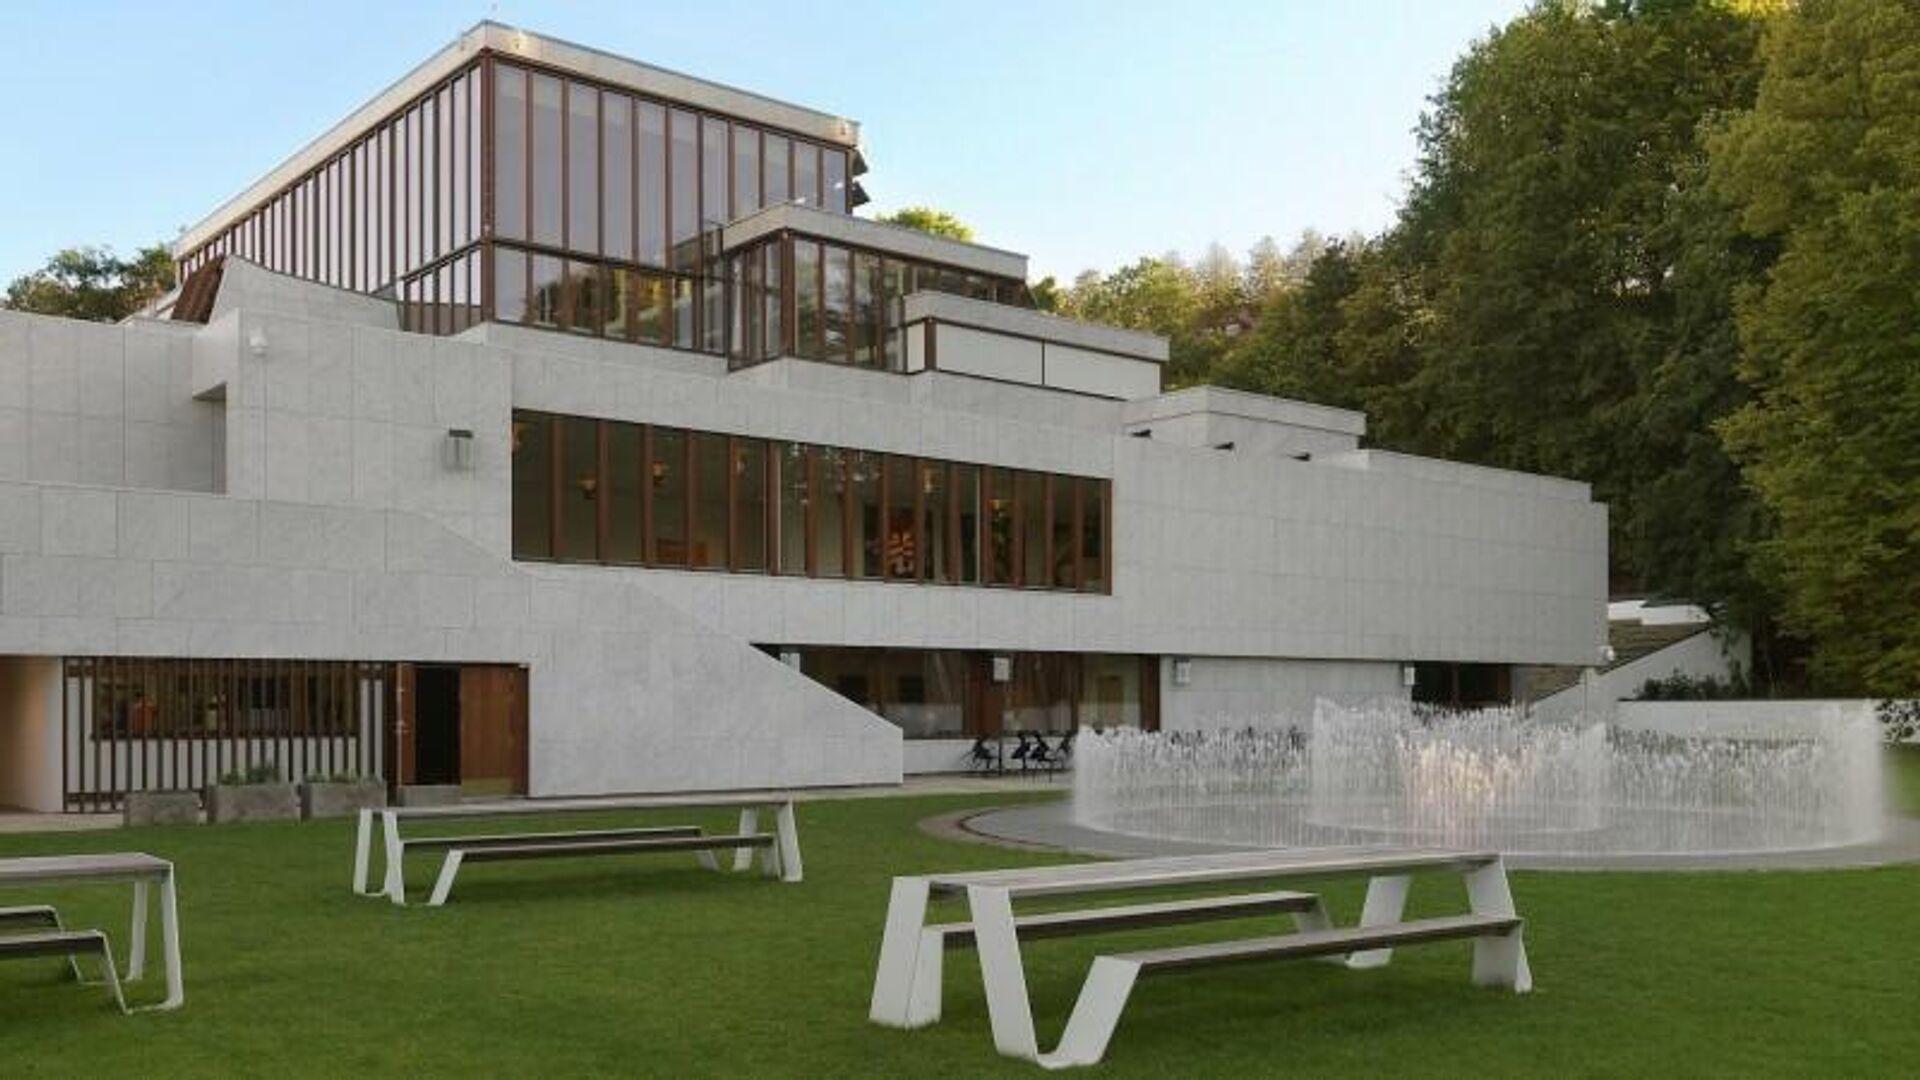 Музей современного искусства KUNSTEN в Дании - РИА Новости, 1920, 28.09.2021